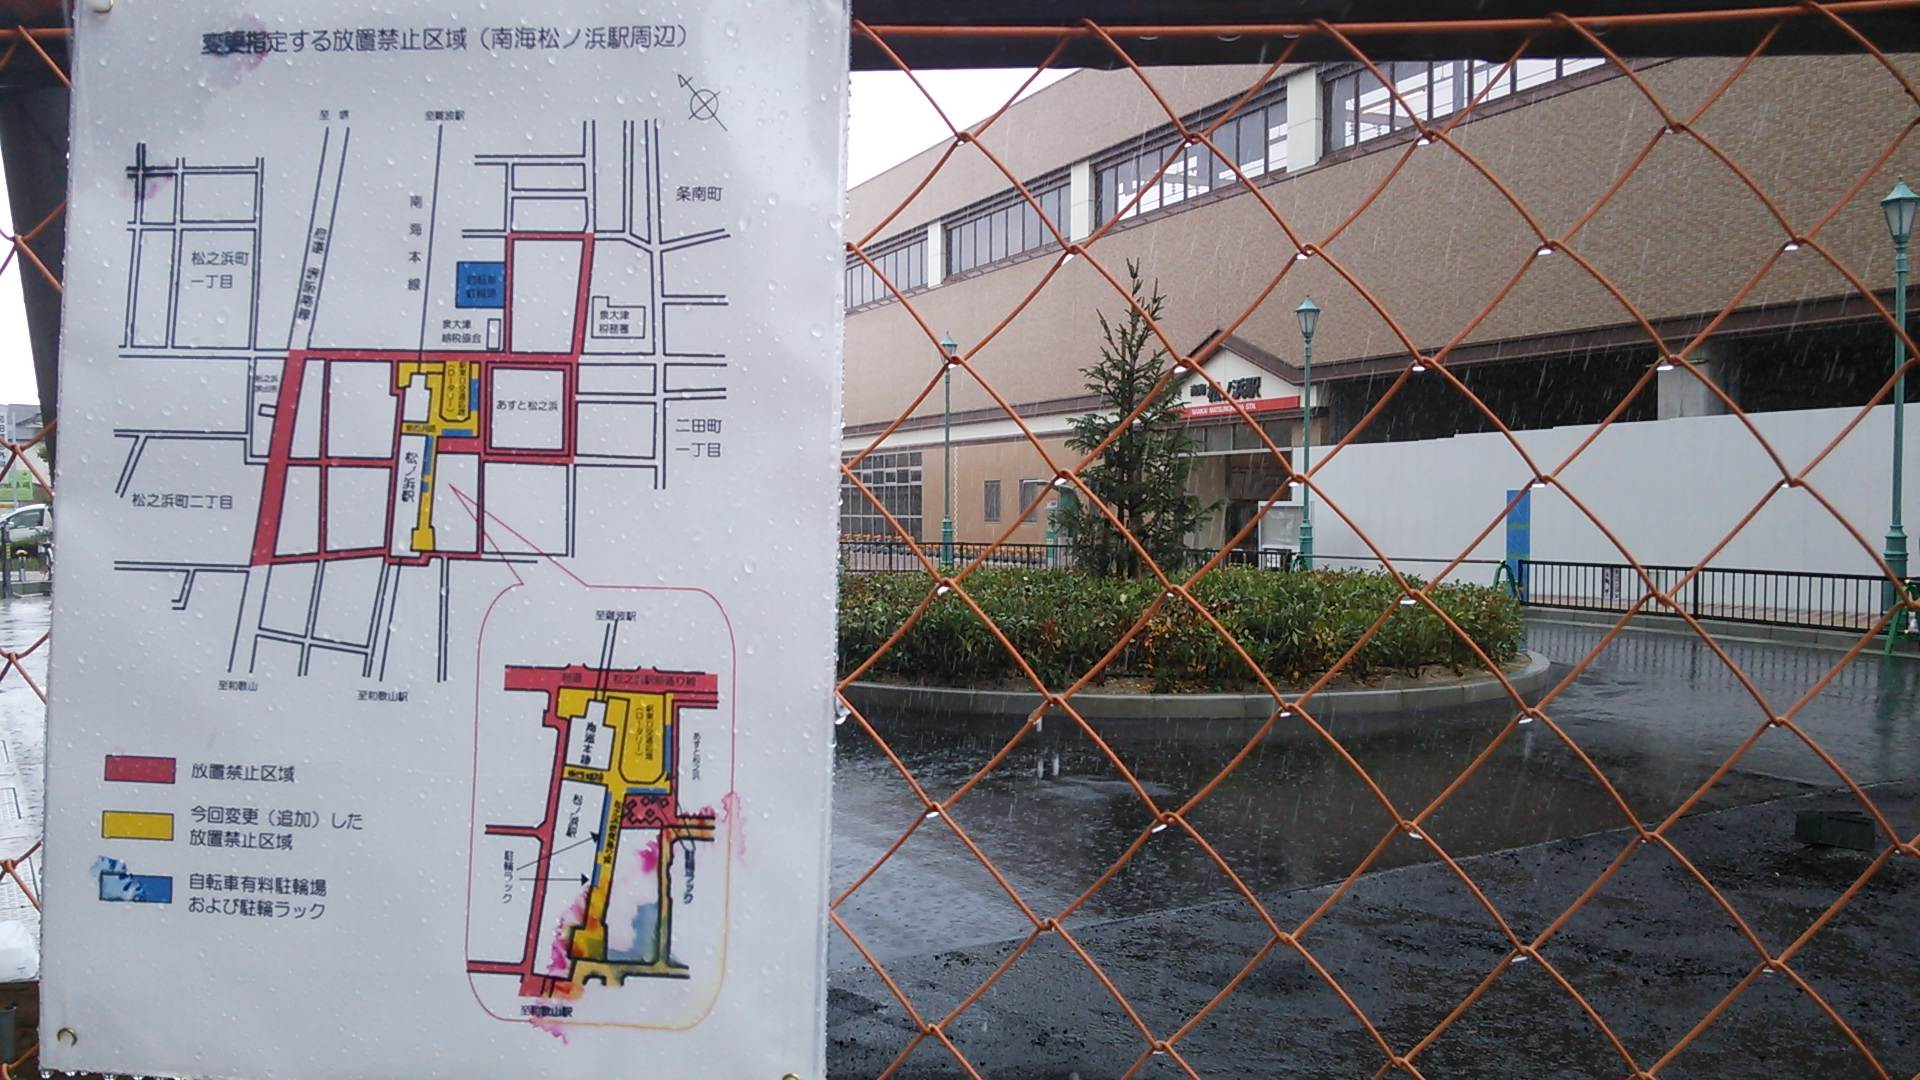 松之浜駅東口から出入りができるようになりました。